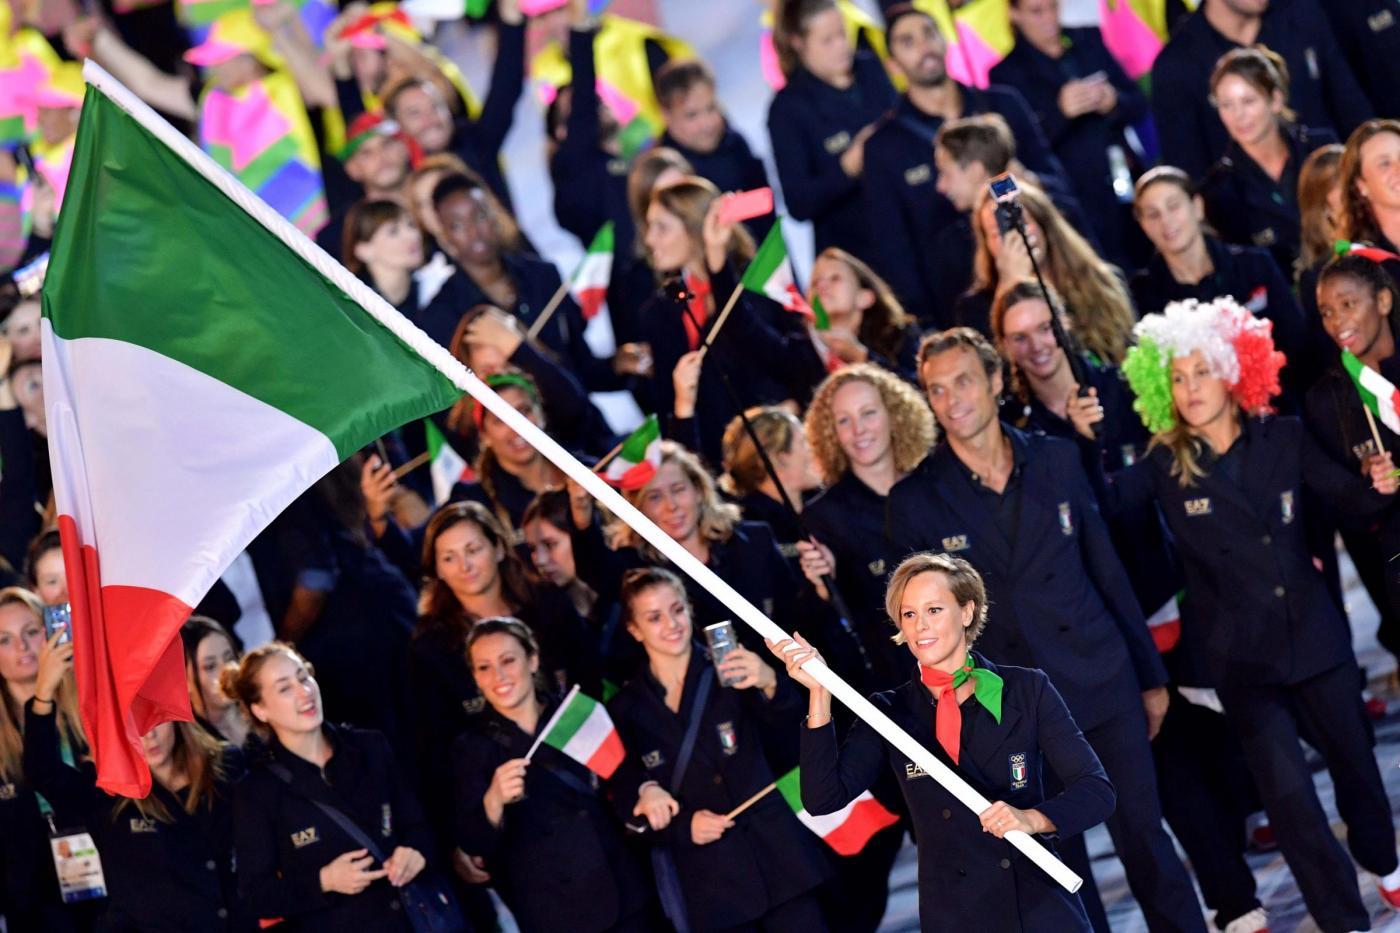 Olimpiadi di Rio 2016, Cerimonia di Apertura al Maracana